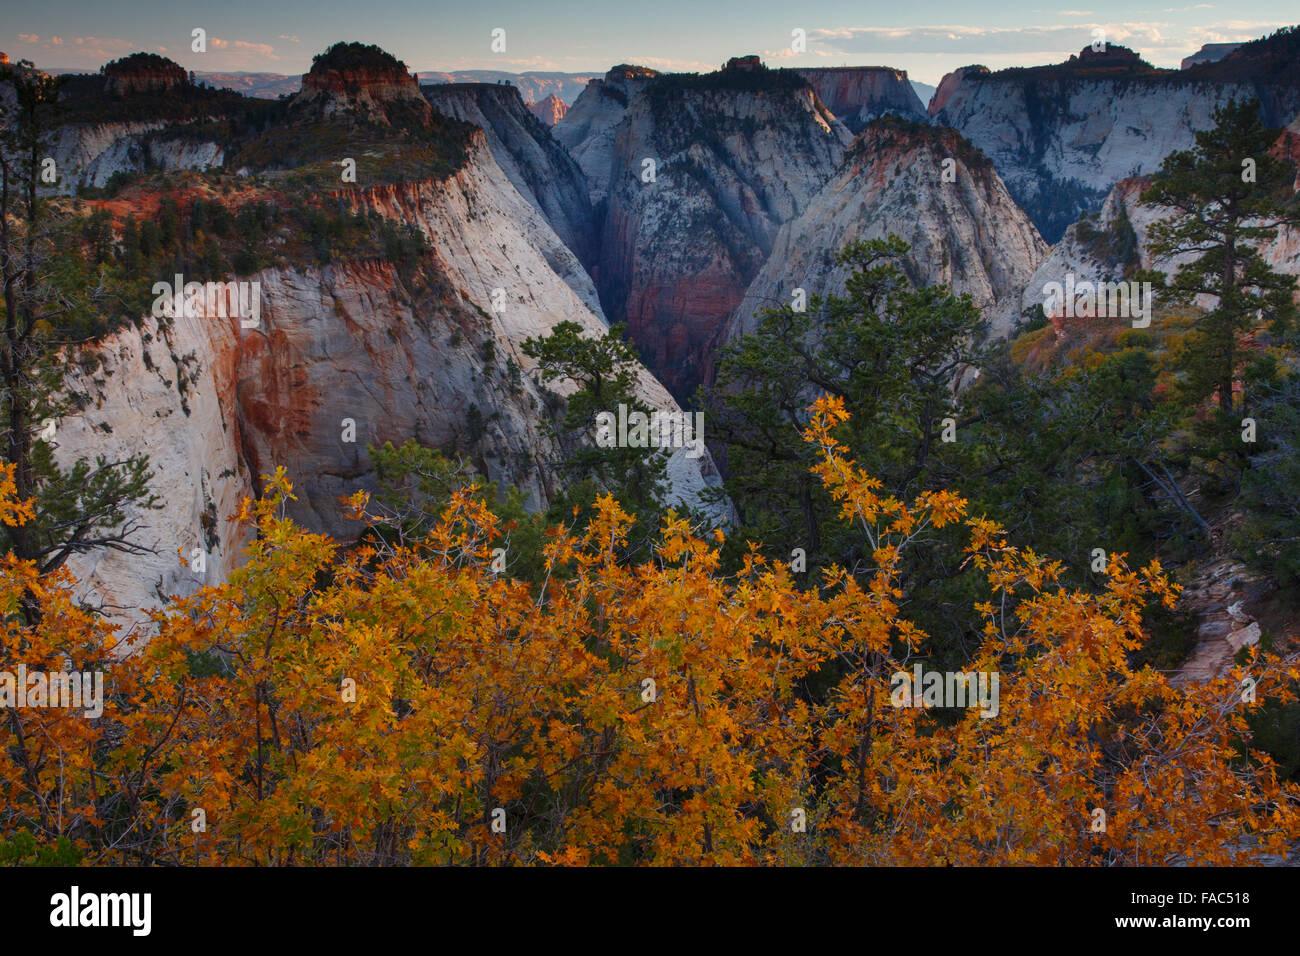 Behunin cañón desde el West Rim Trail, el Parque Nacional de Zion, Utah. Foto de stock